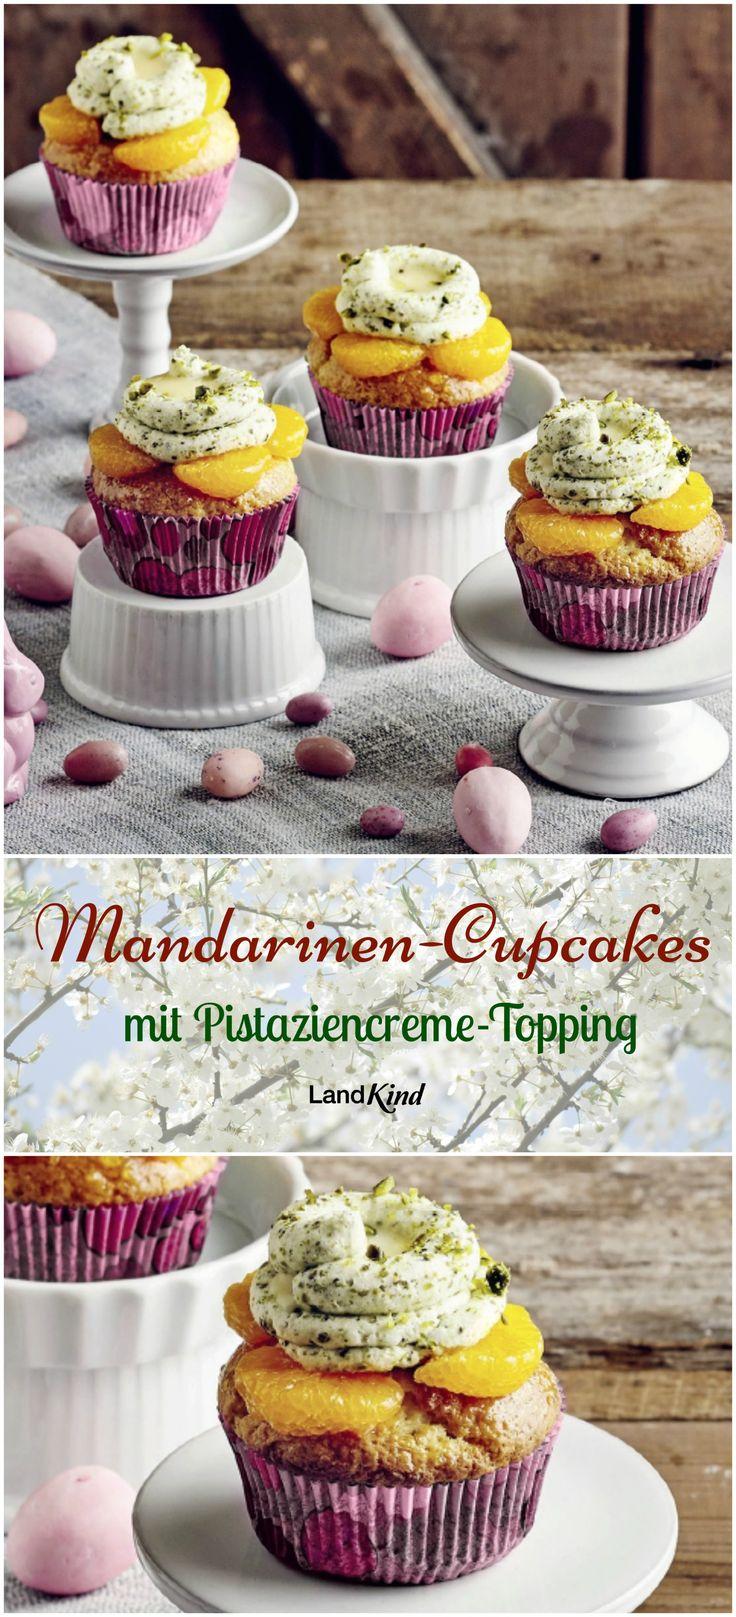 Frisch, fruchtig und mit locker-leckerer Creme - die süßen Cupcakes machen sich nicht nur auf der Kaffeetafel, sondern auch auf dem Osterfrühstückstisch gut.